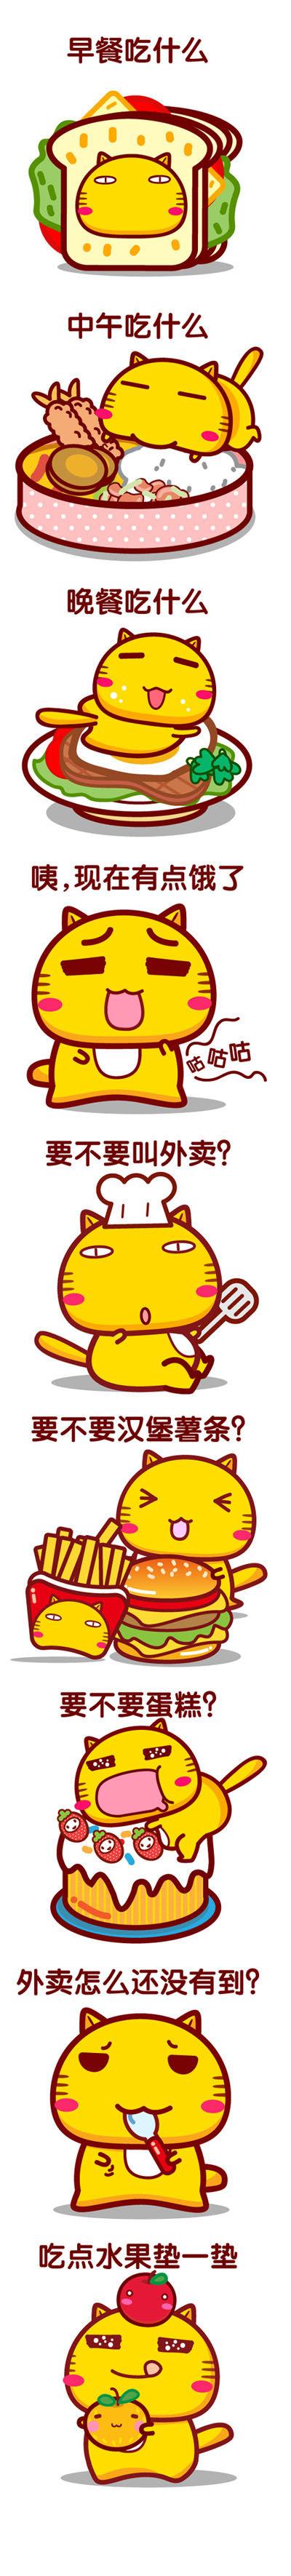 吃什么.jpg